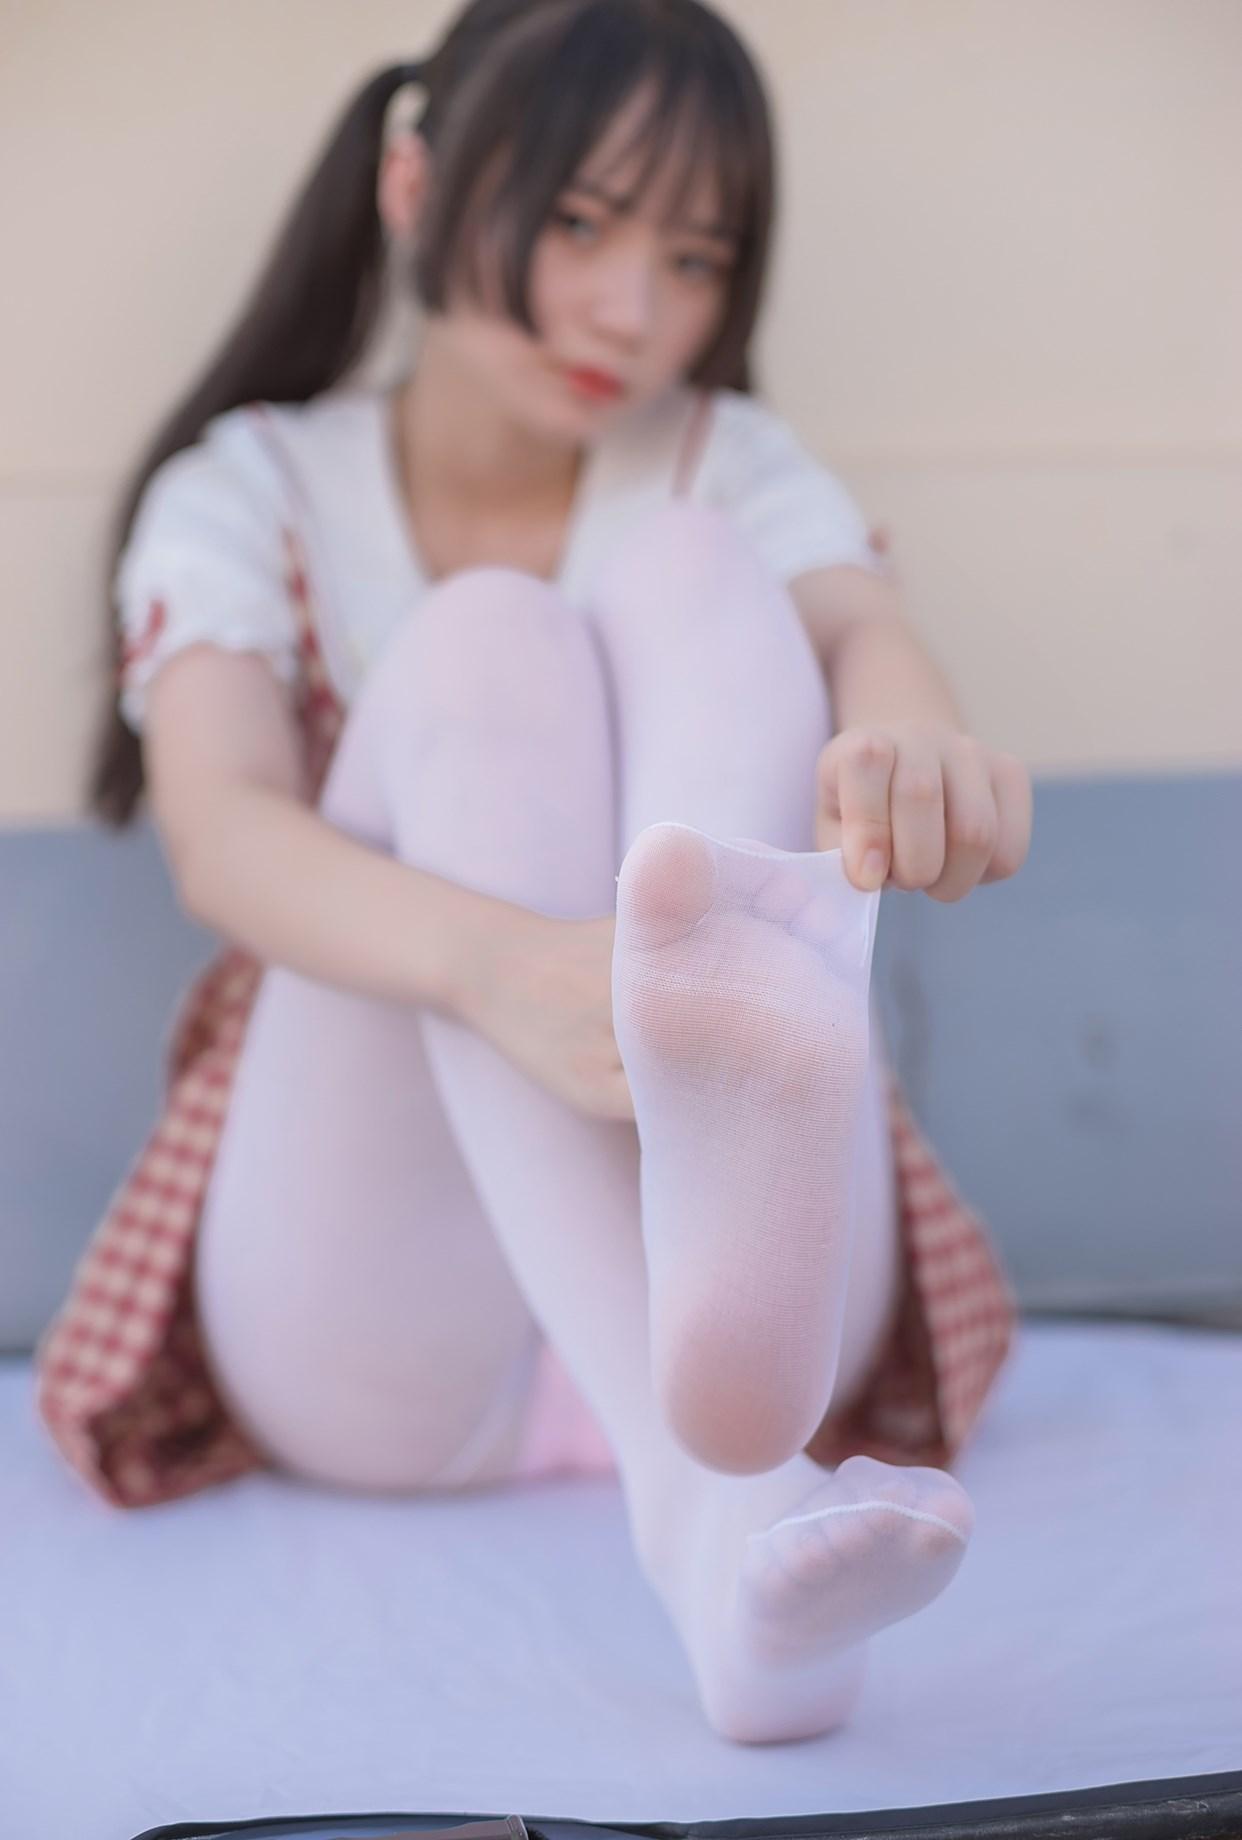 【兔玩映画】萝莉的白丝袜 兔玩映画 第31张